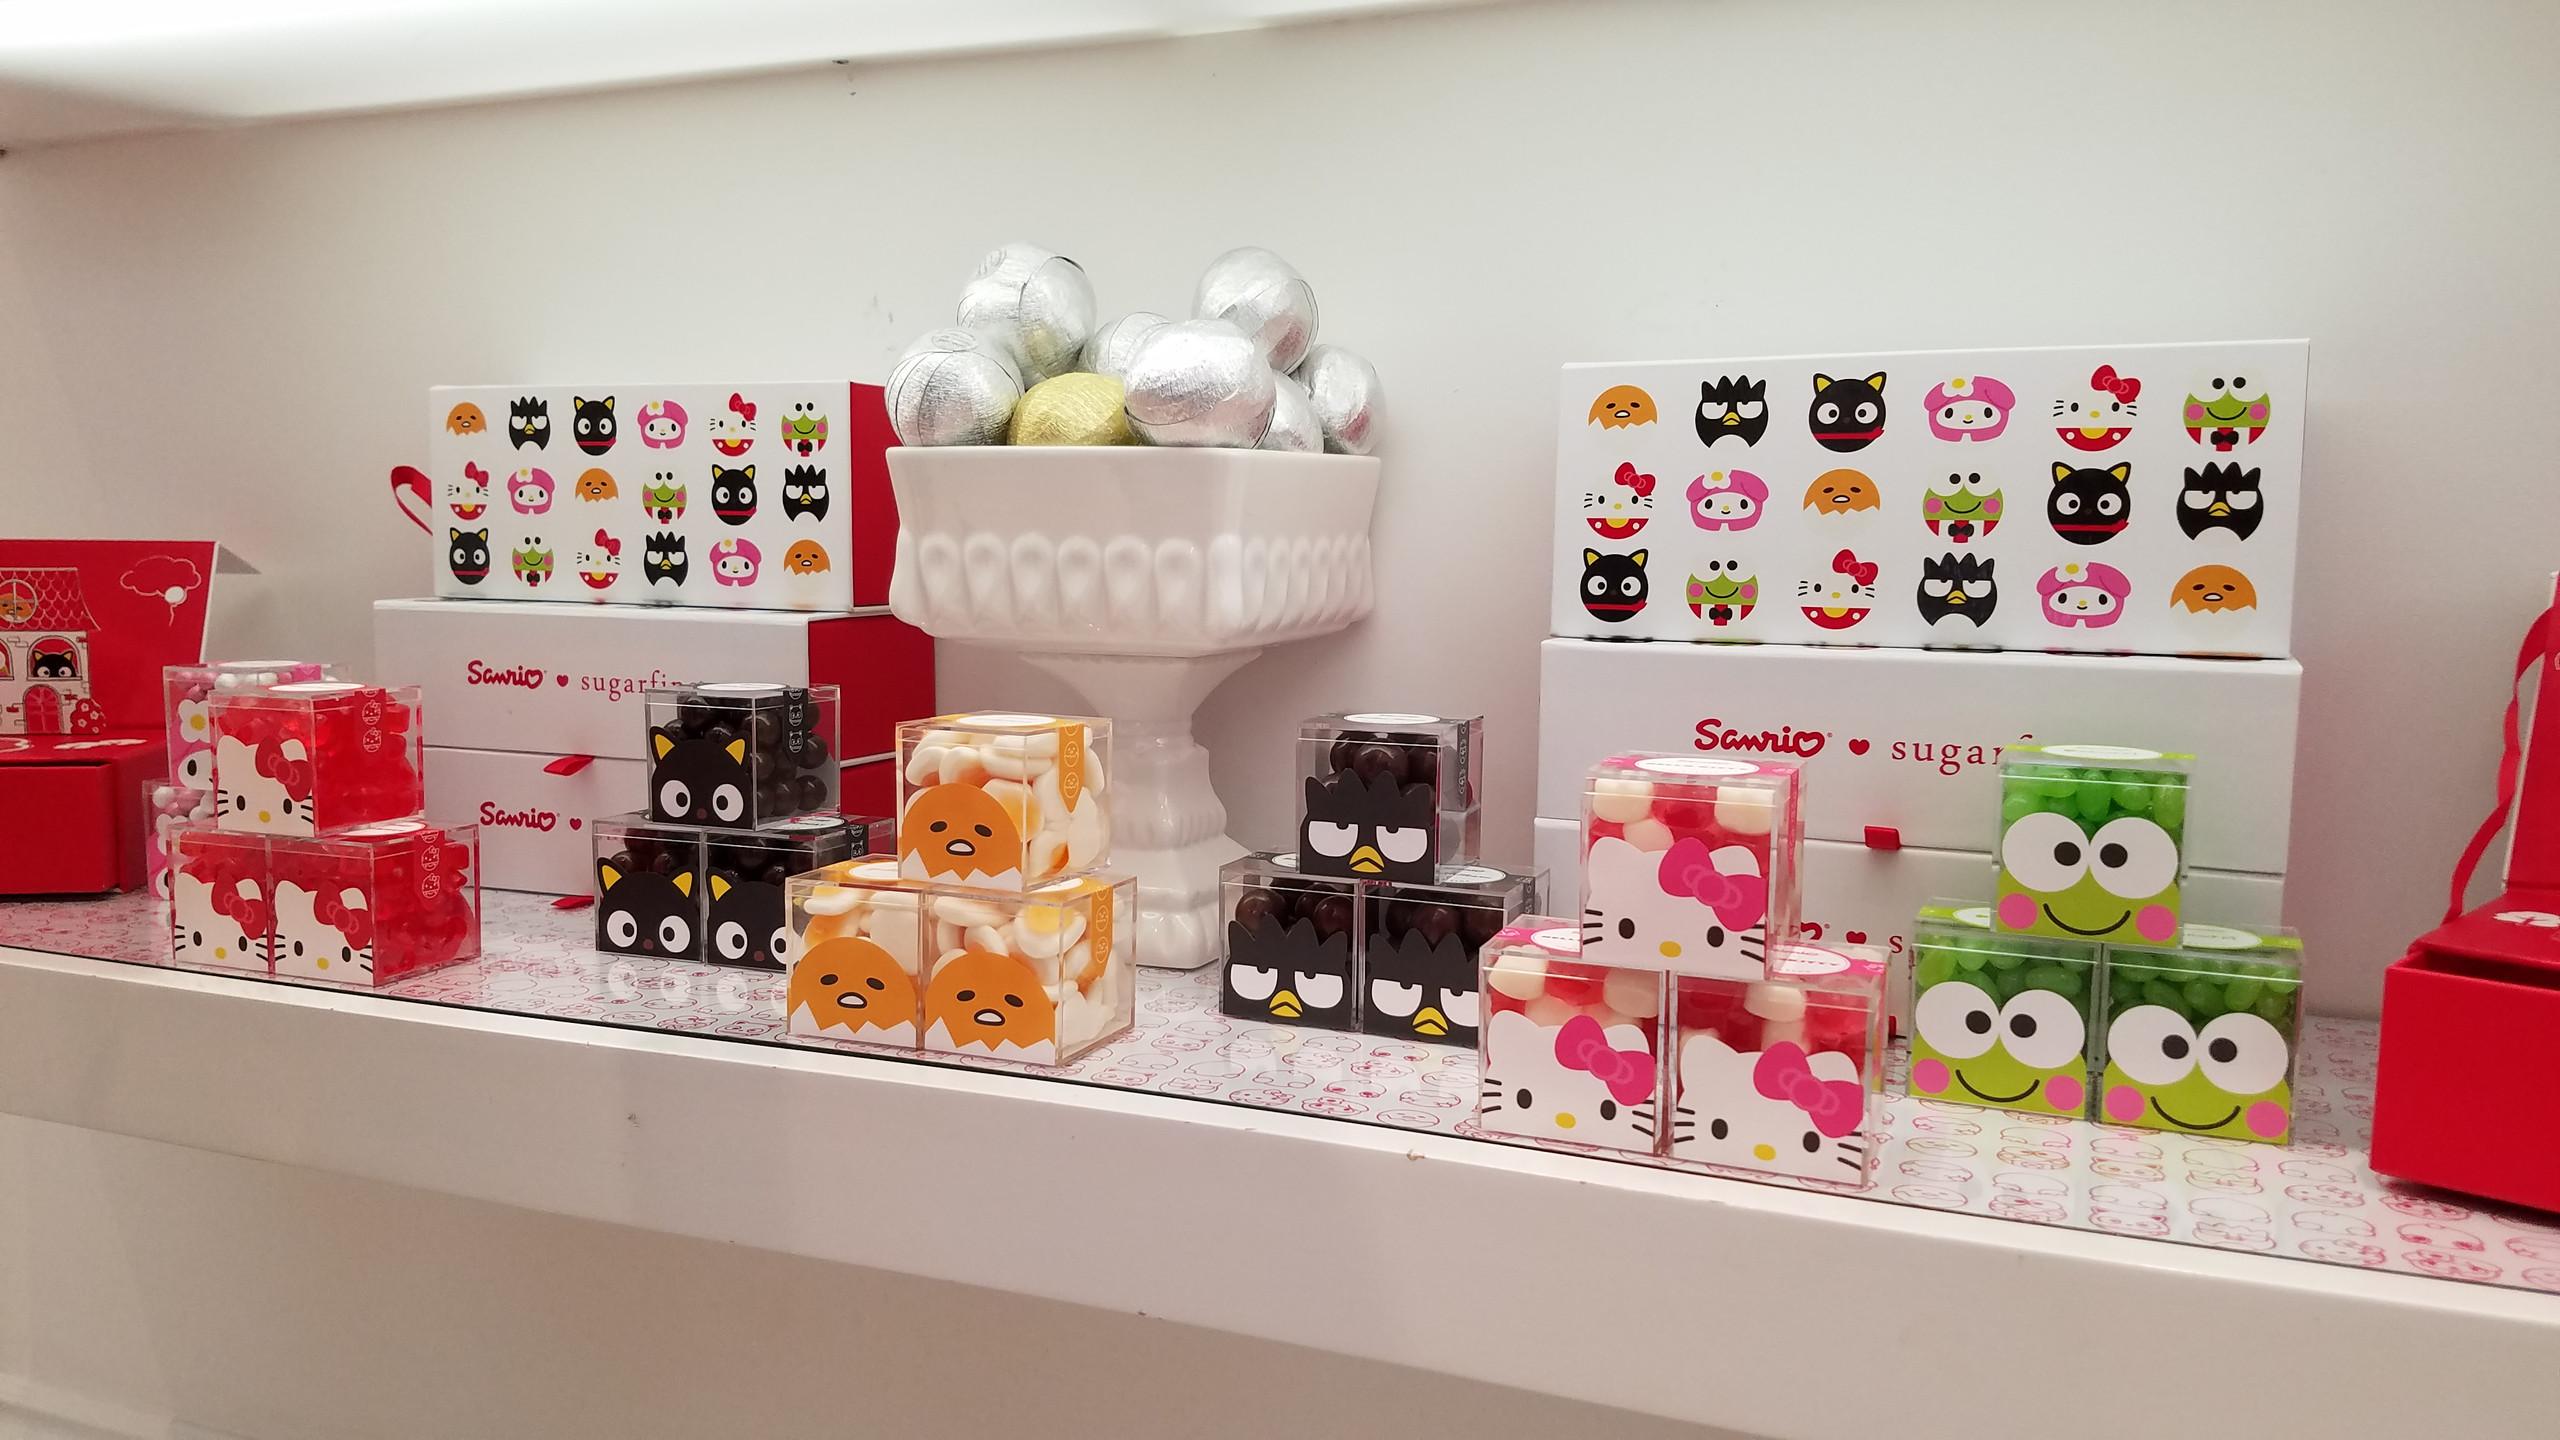 Sanrio collection